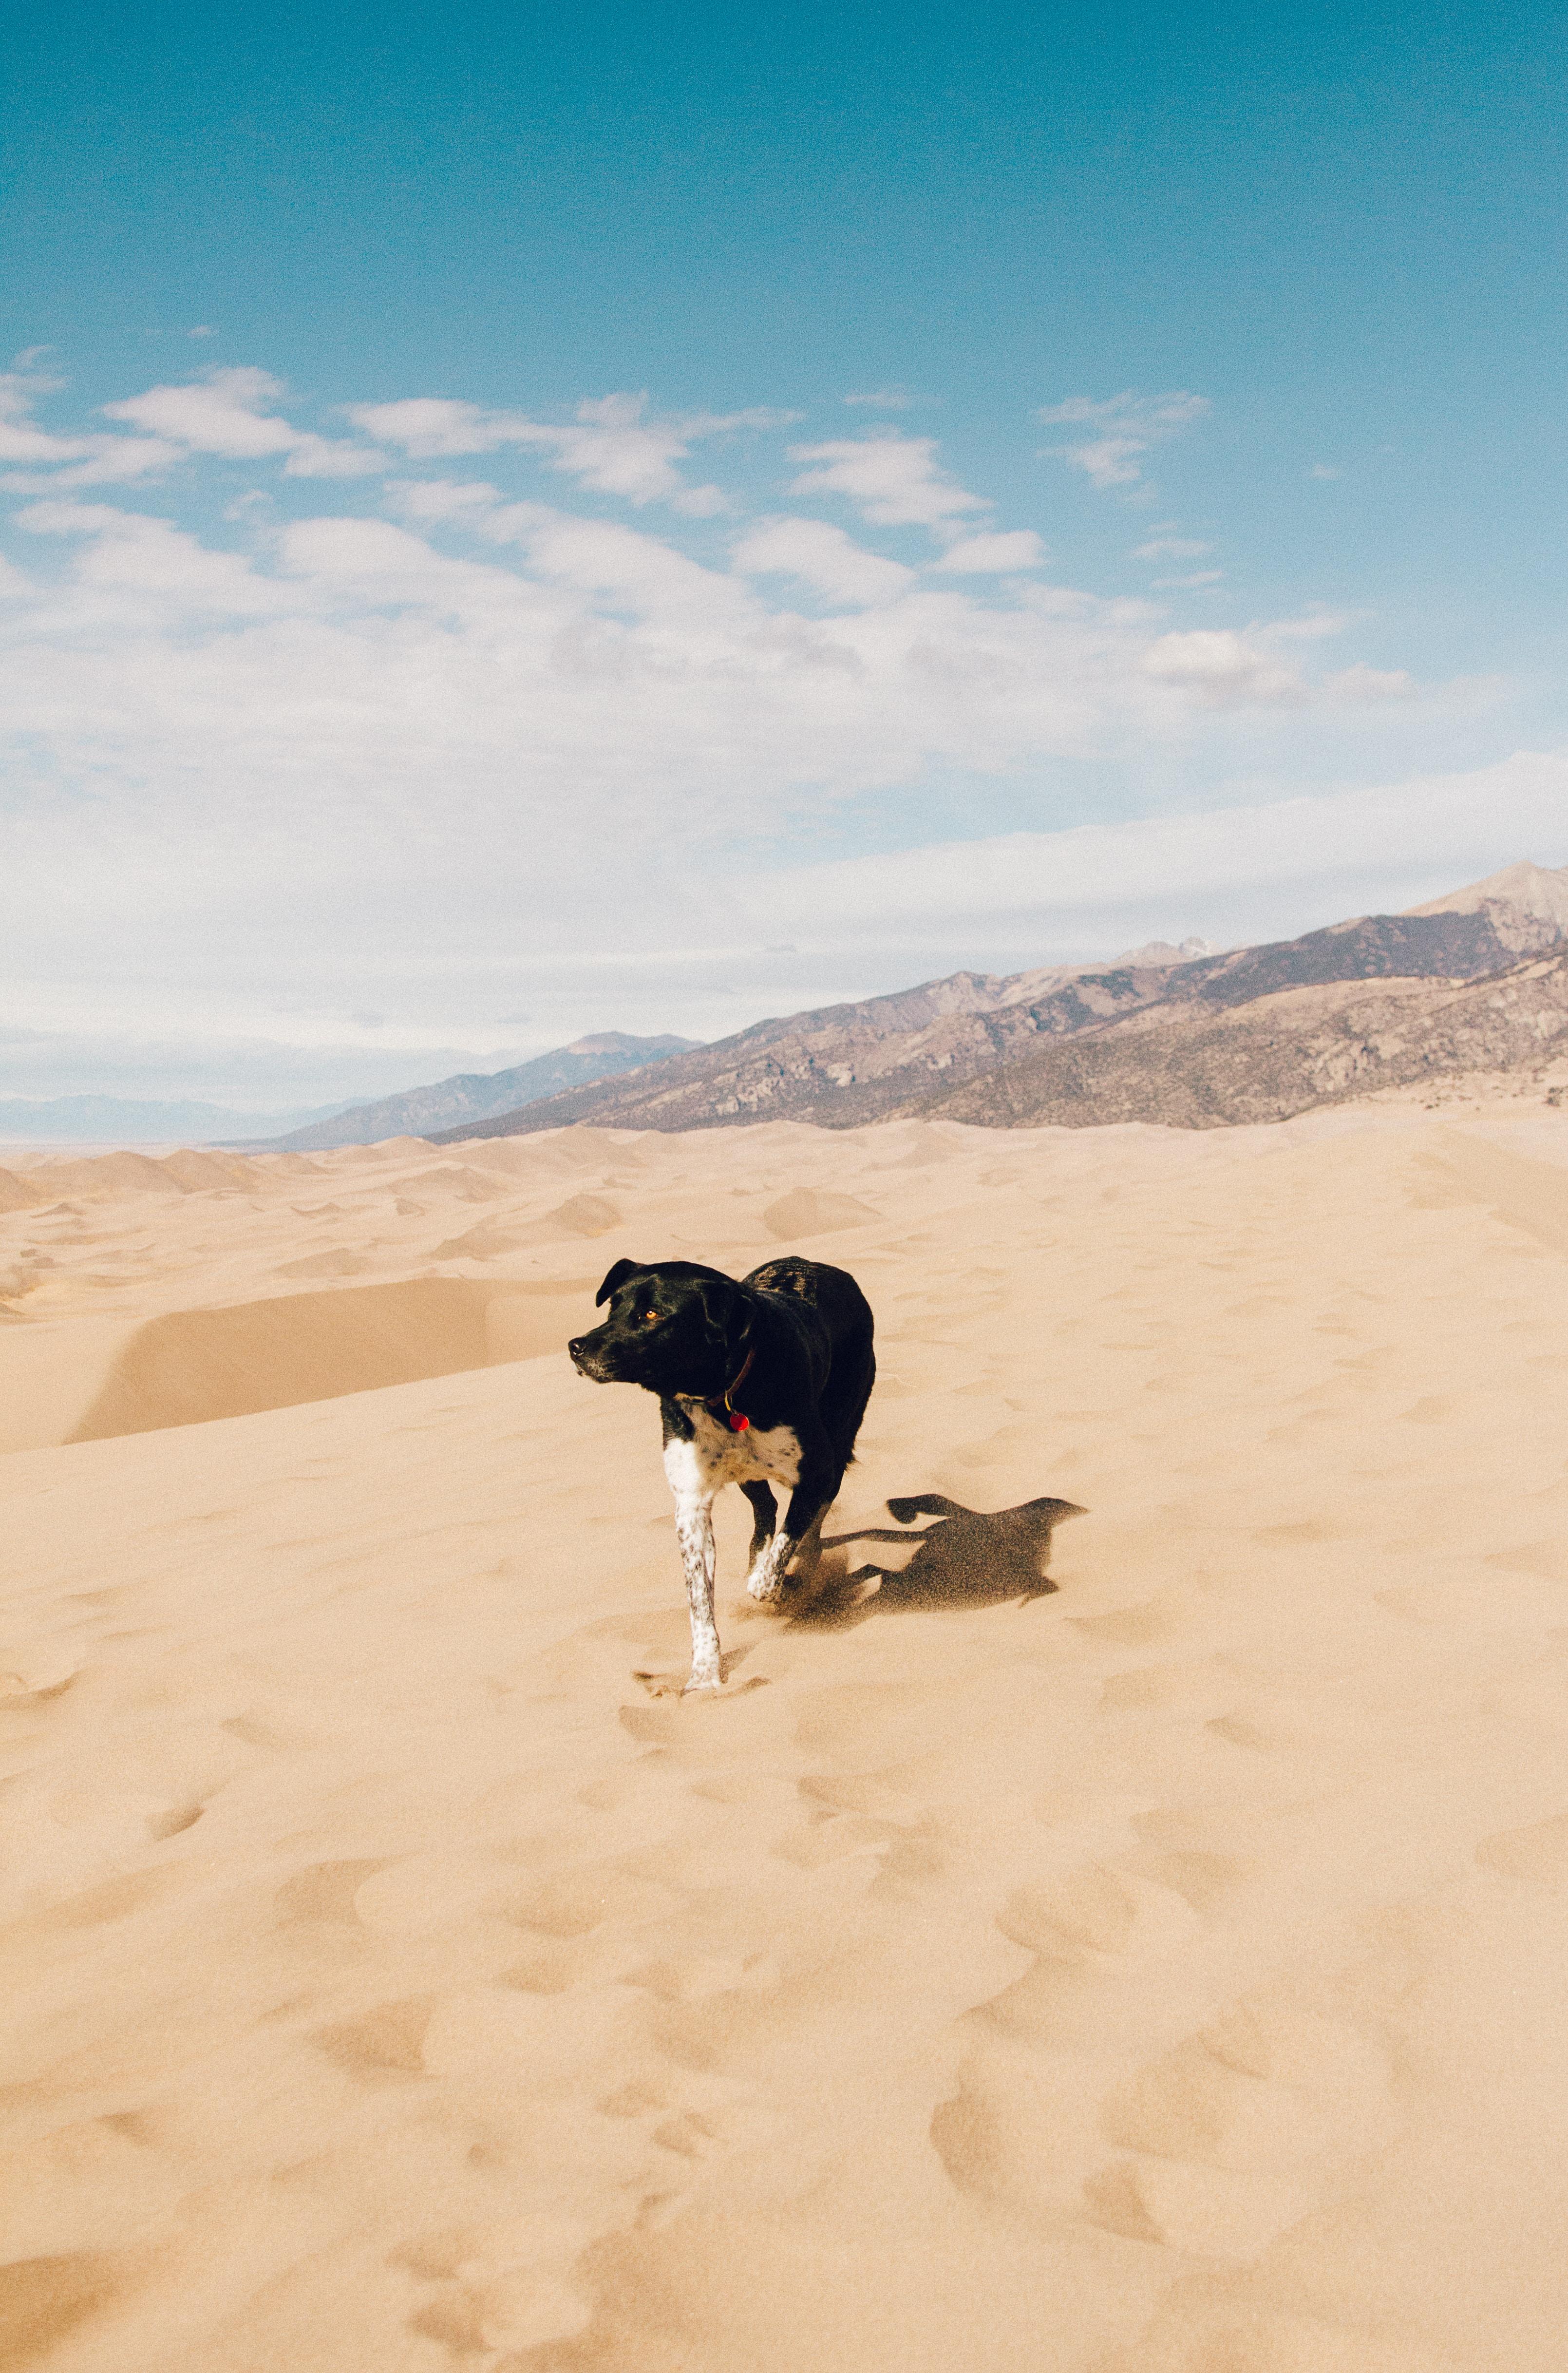 dog walking on desert during daytime